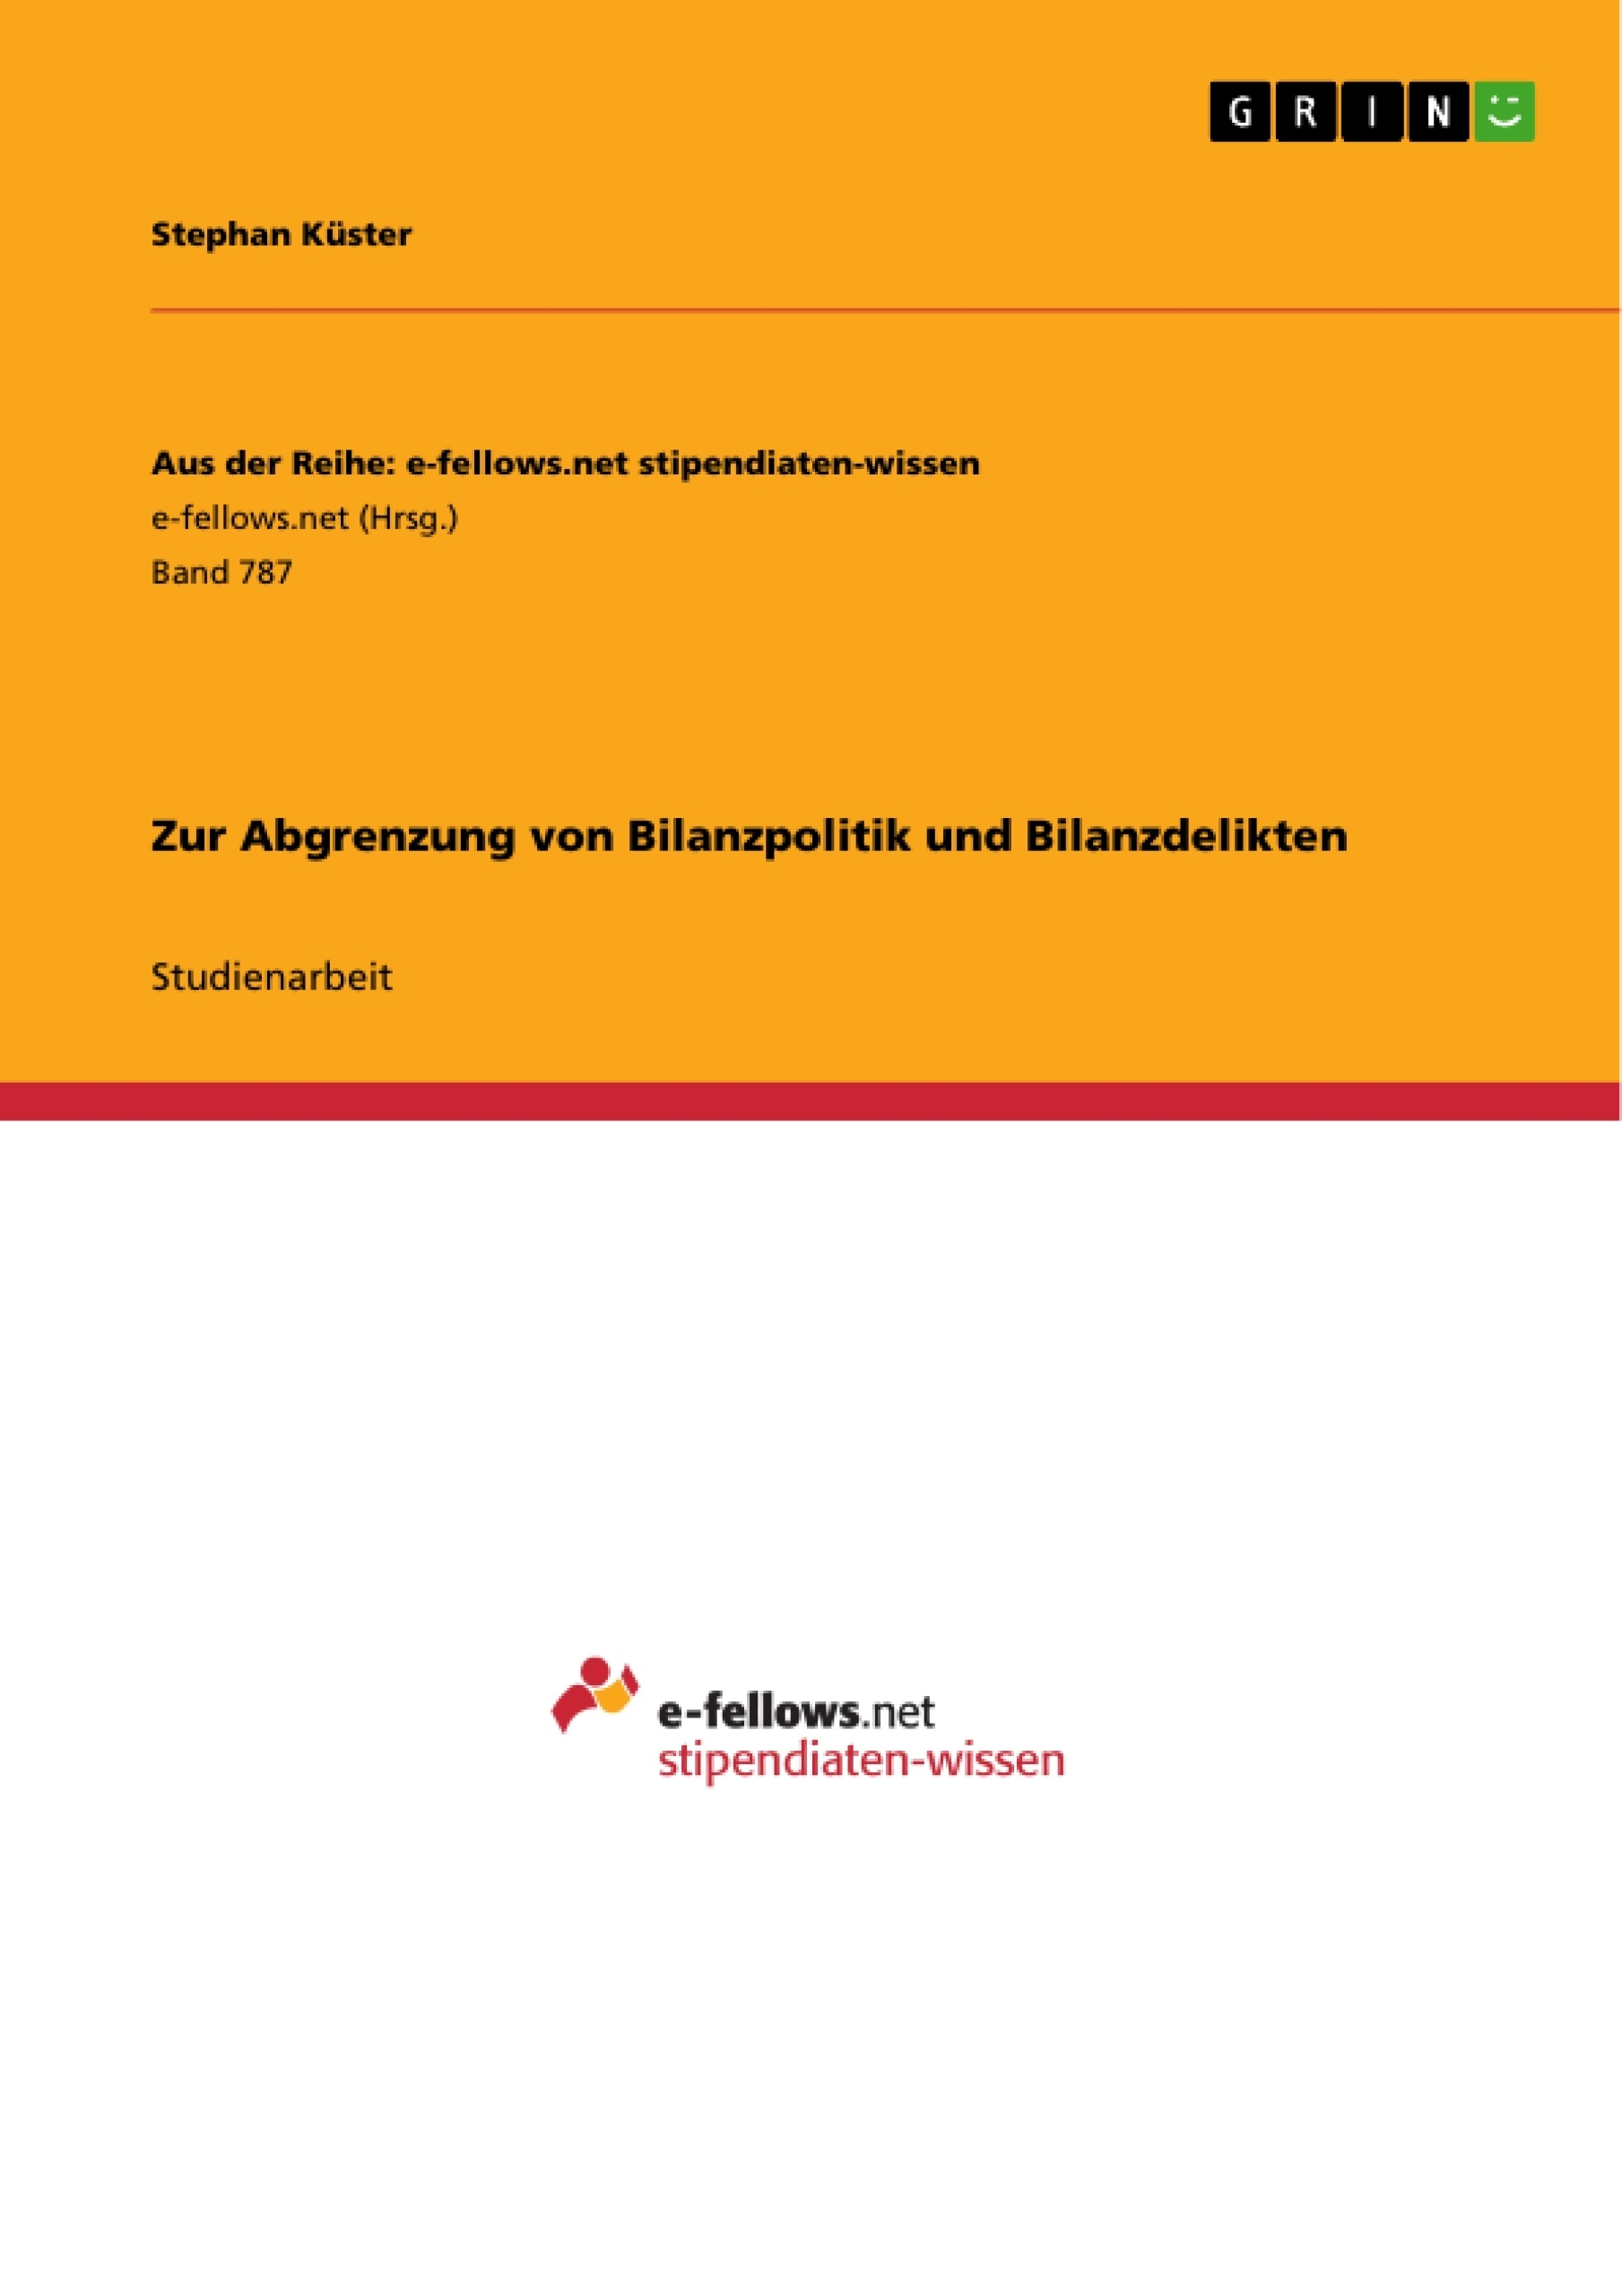 Titel: Zur Abgrenzung von Bilanzpolitik und Bilanzdelikten